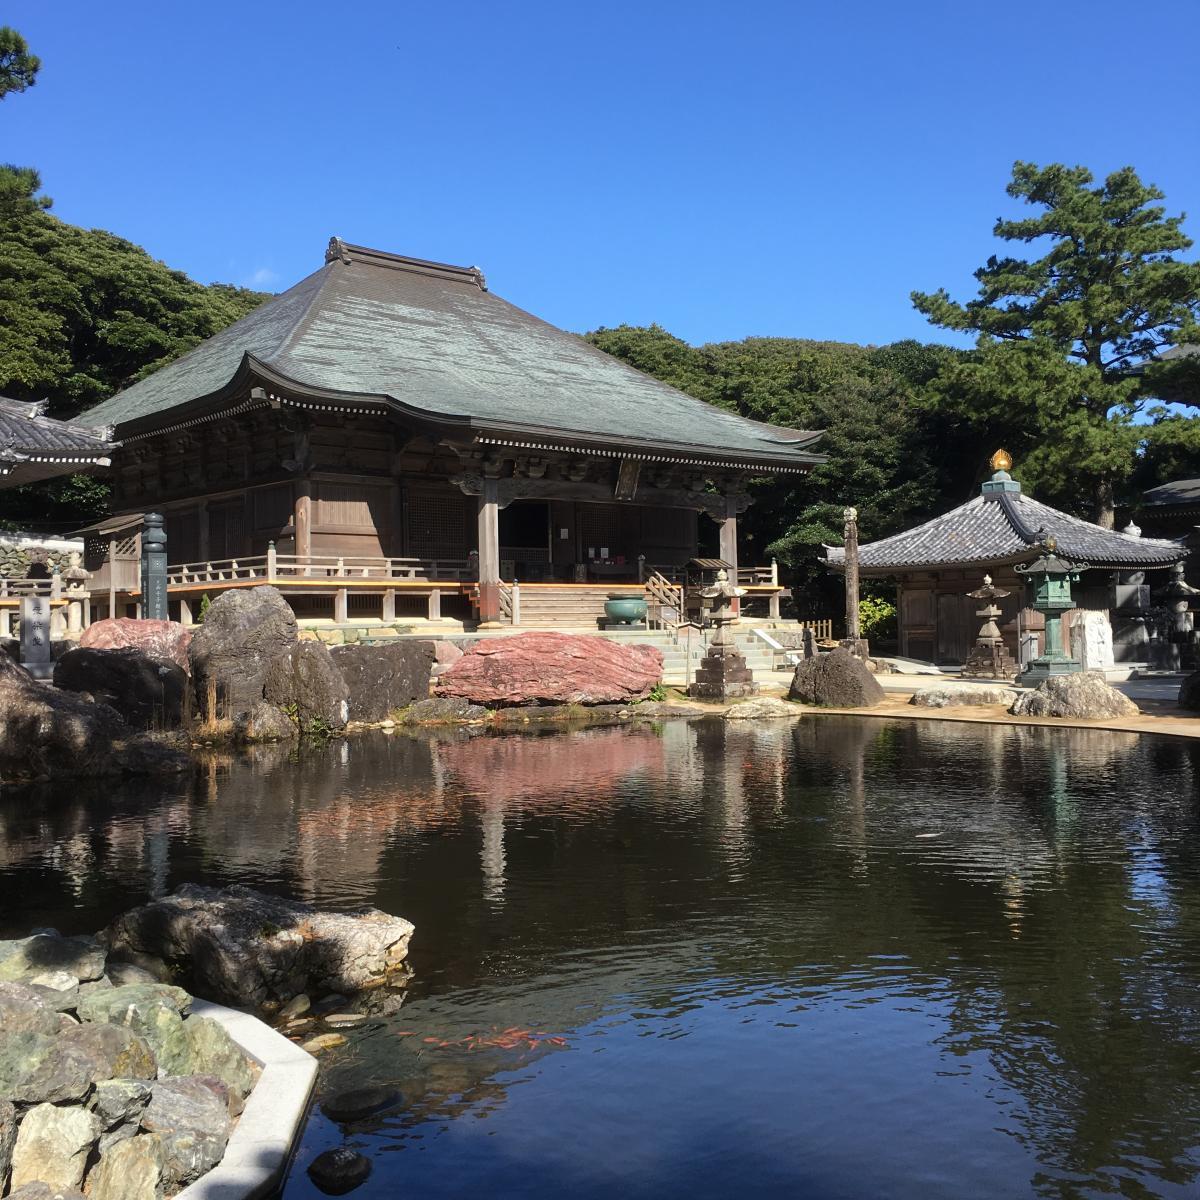 金剛福寺(第38番札所)